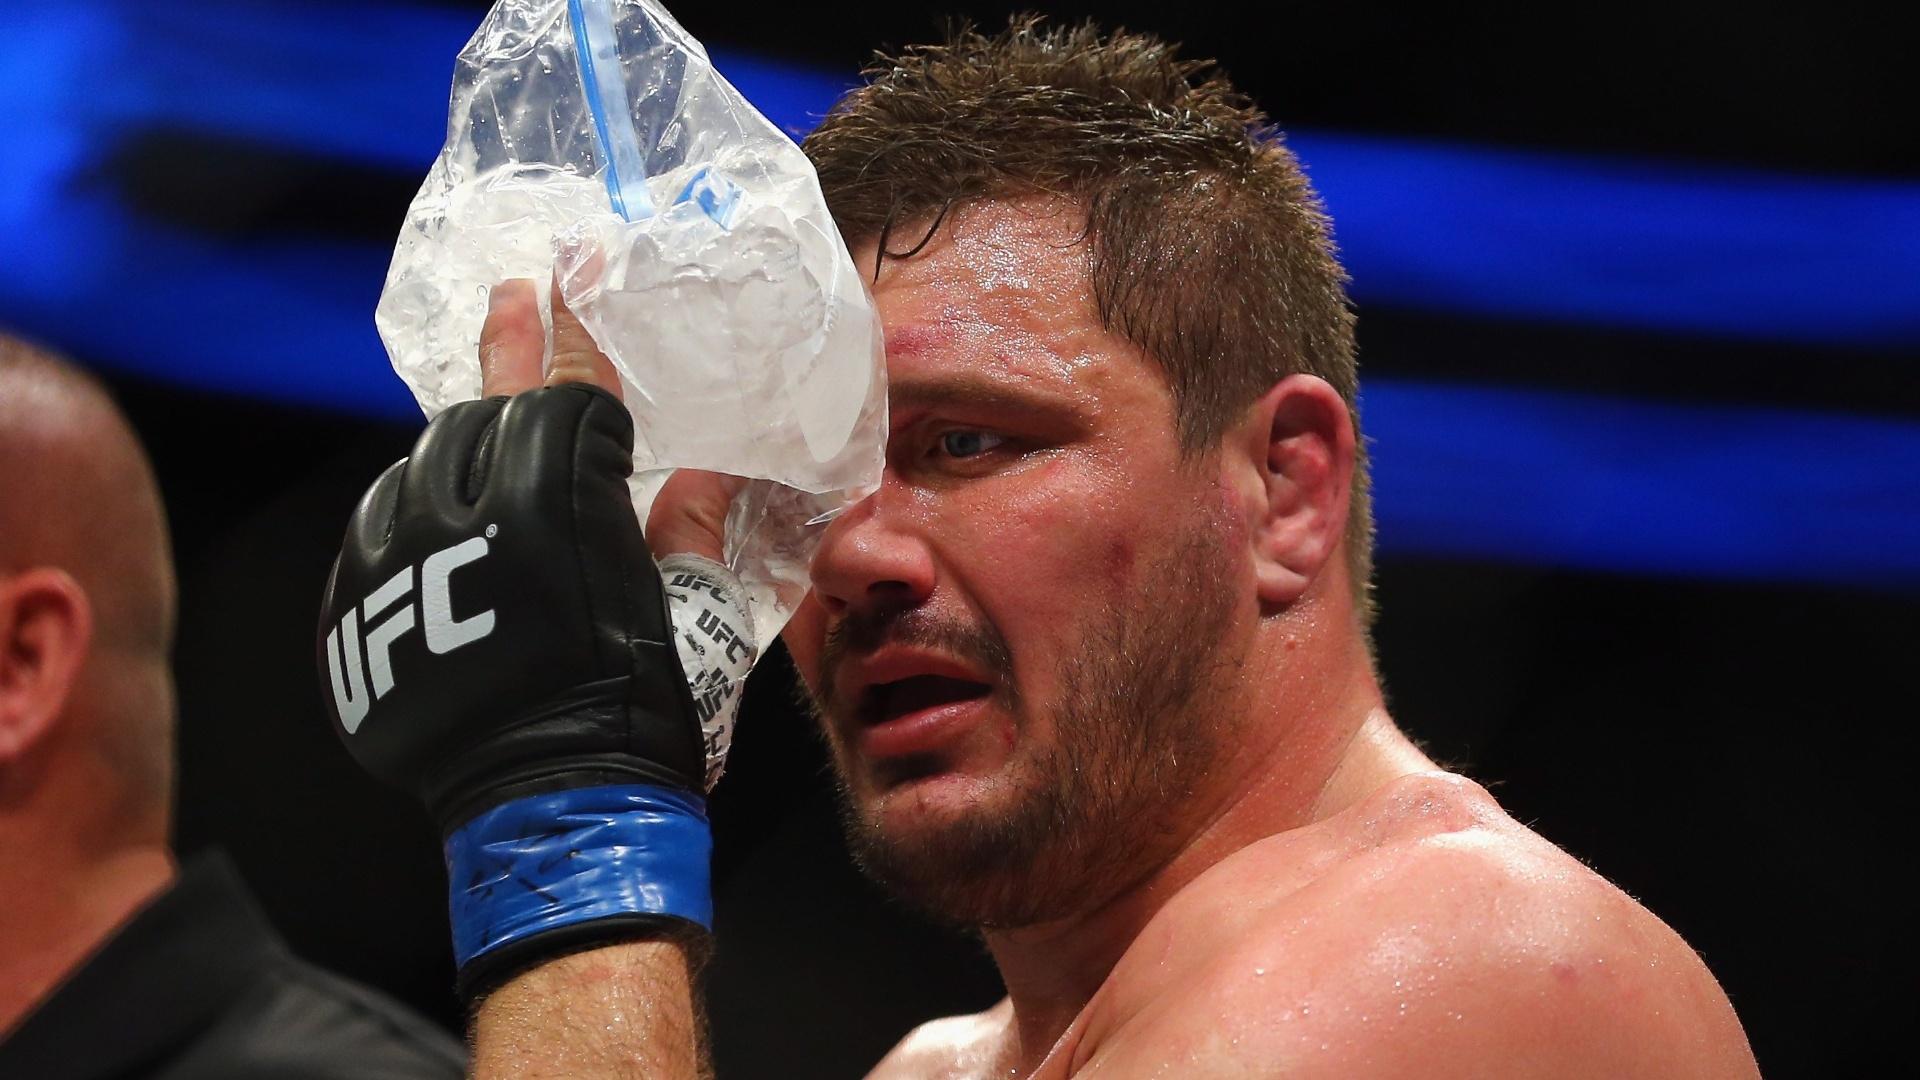 Golpes de Browne durante luta pelo UFC provocaram lesão no olho de Mittrione